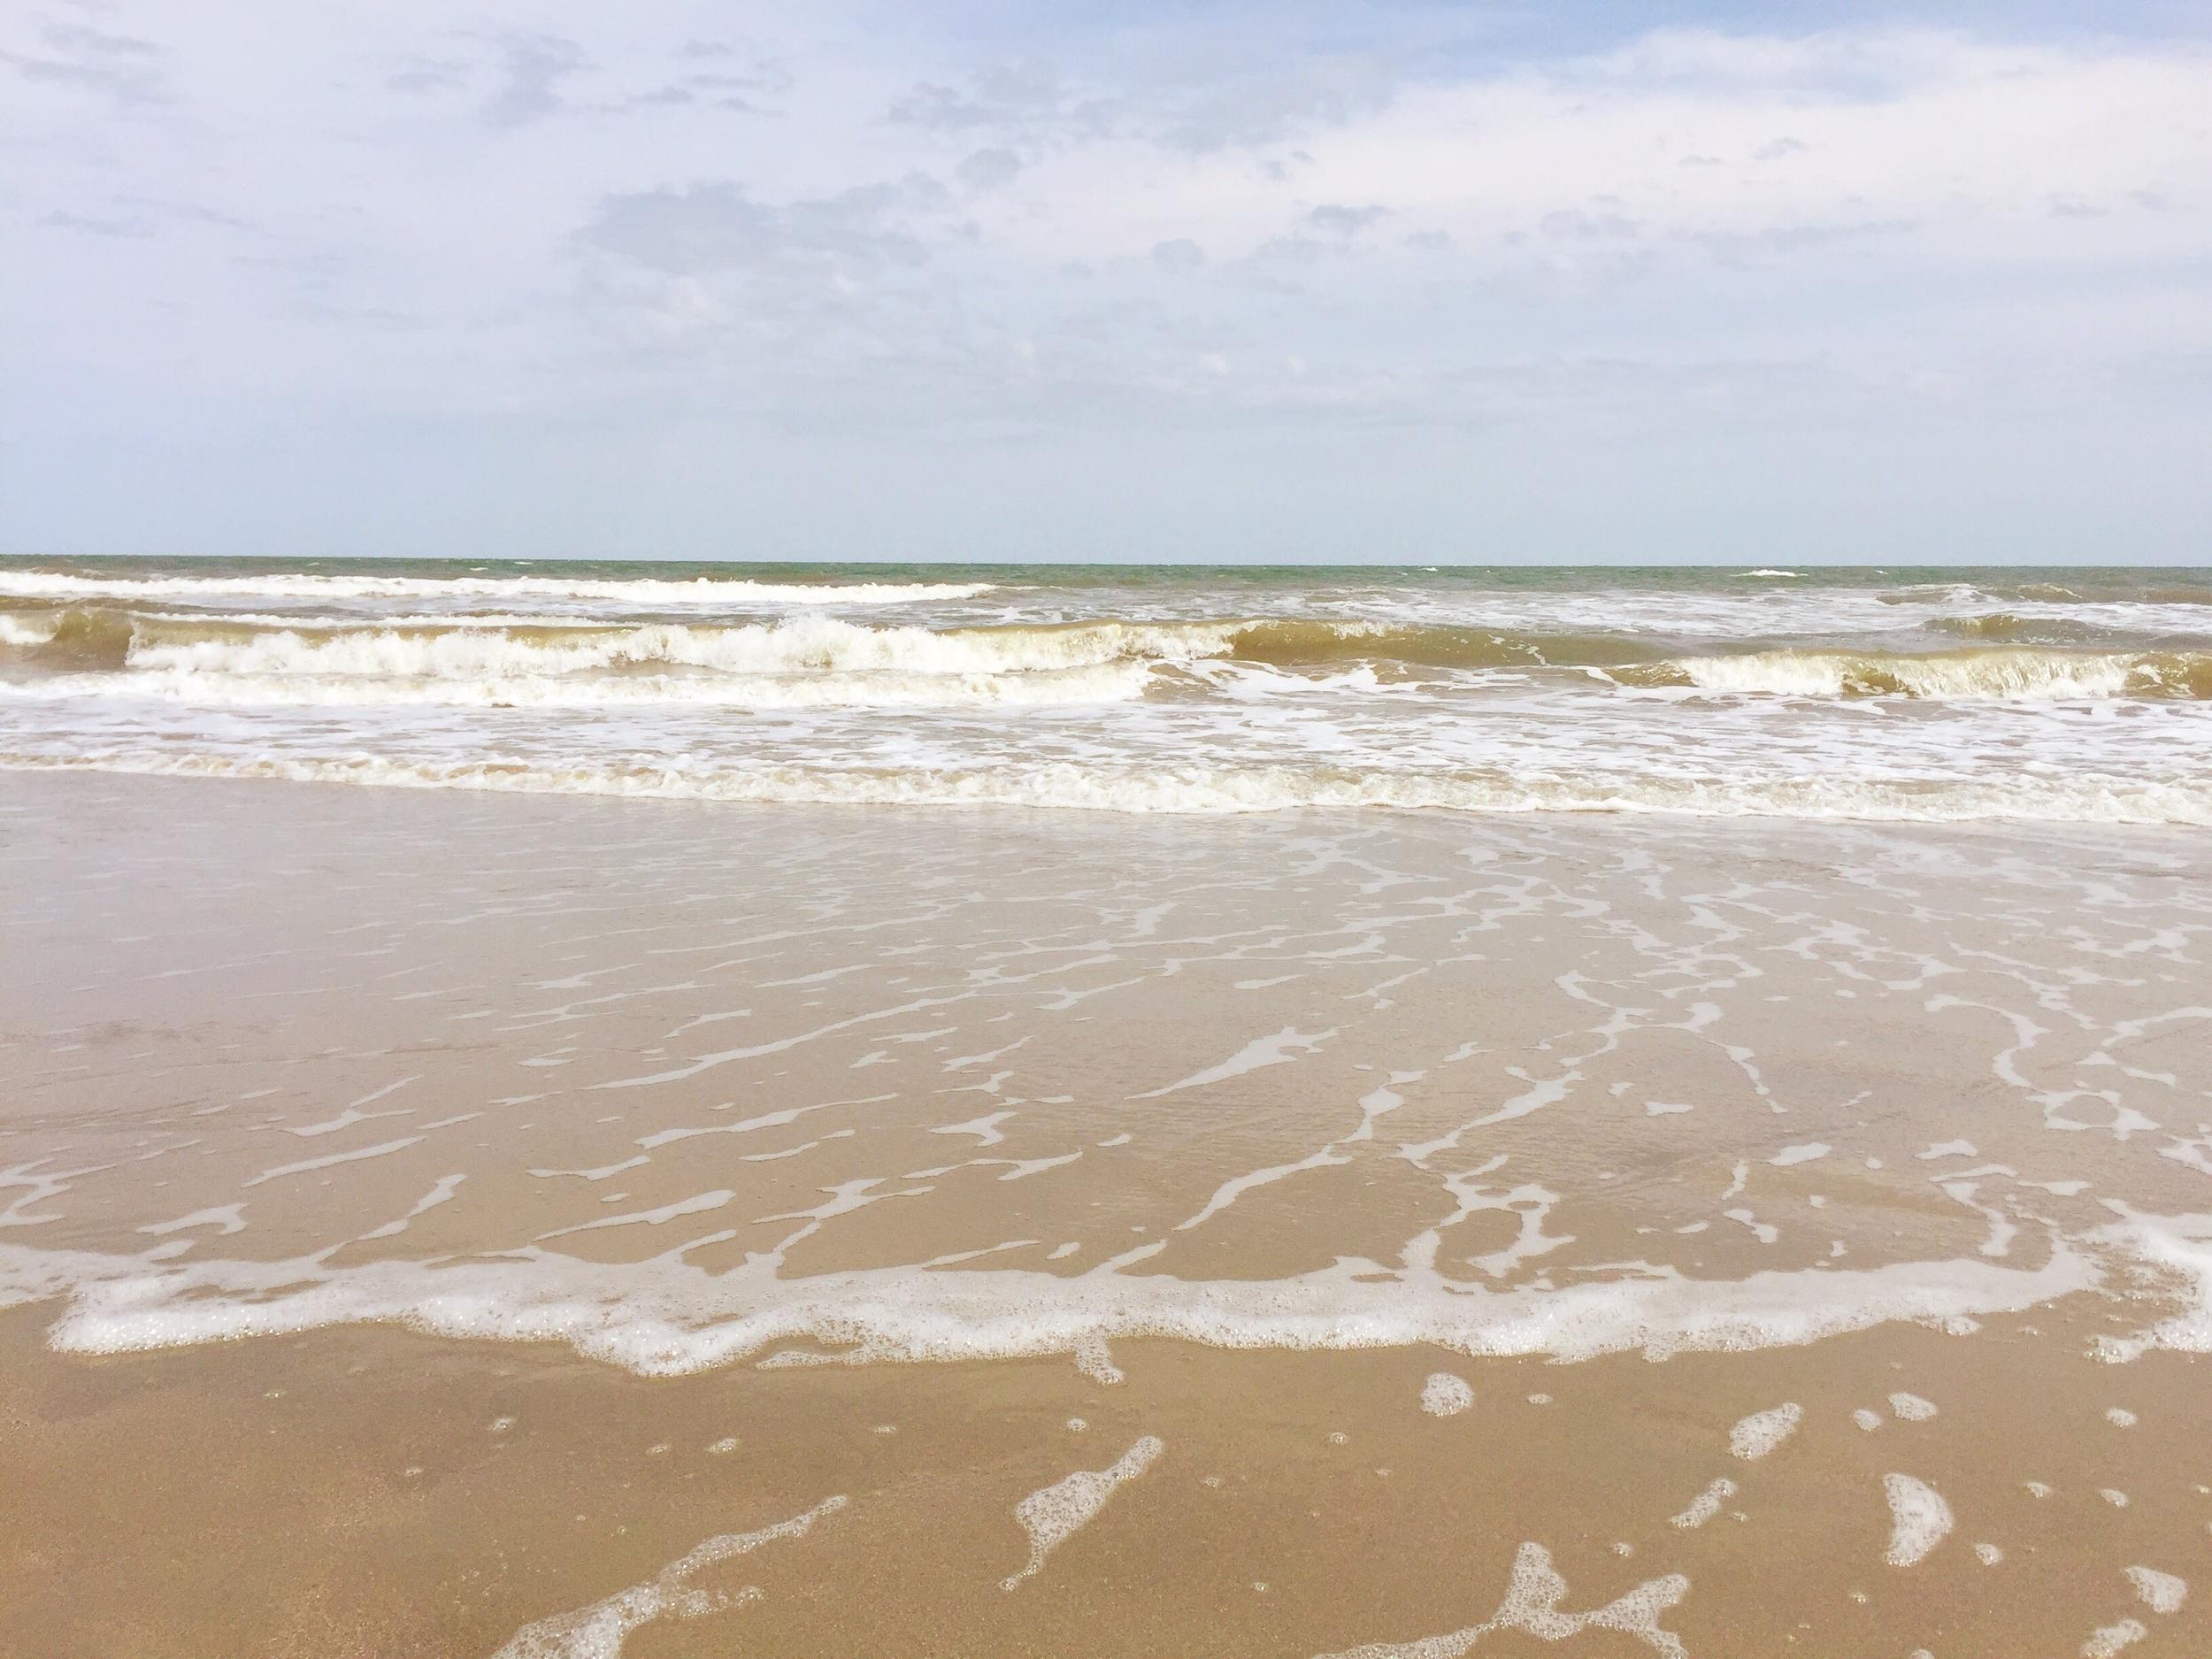 ocean-waves-surf-beach-photography